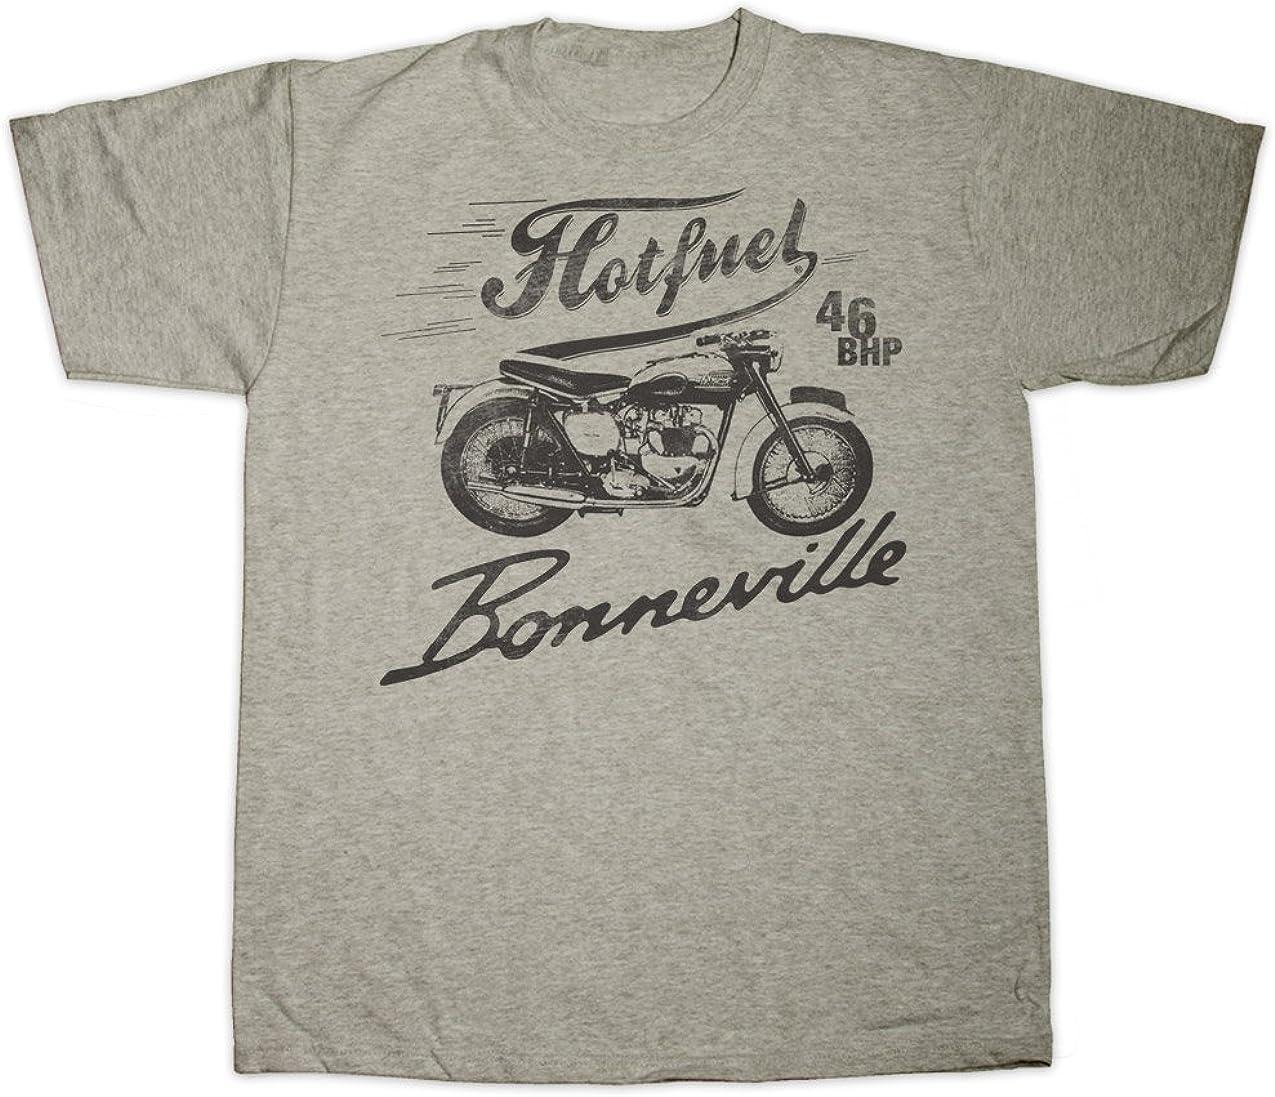 Toutes Tailles Hot Fuel Hotfuel Bonneville Moto Impression T-Shirt Small//–/5/x l